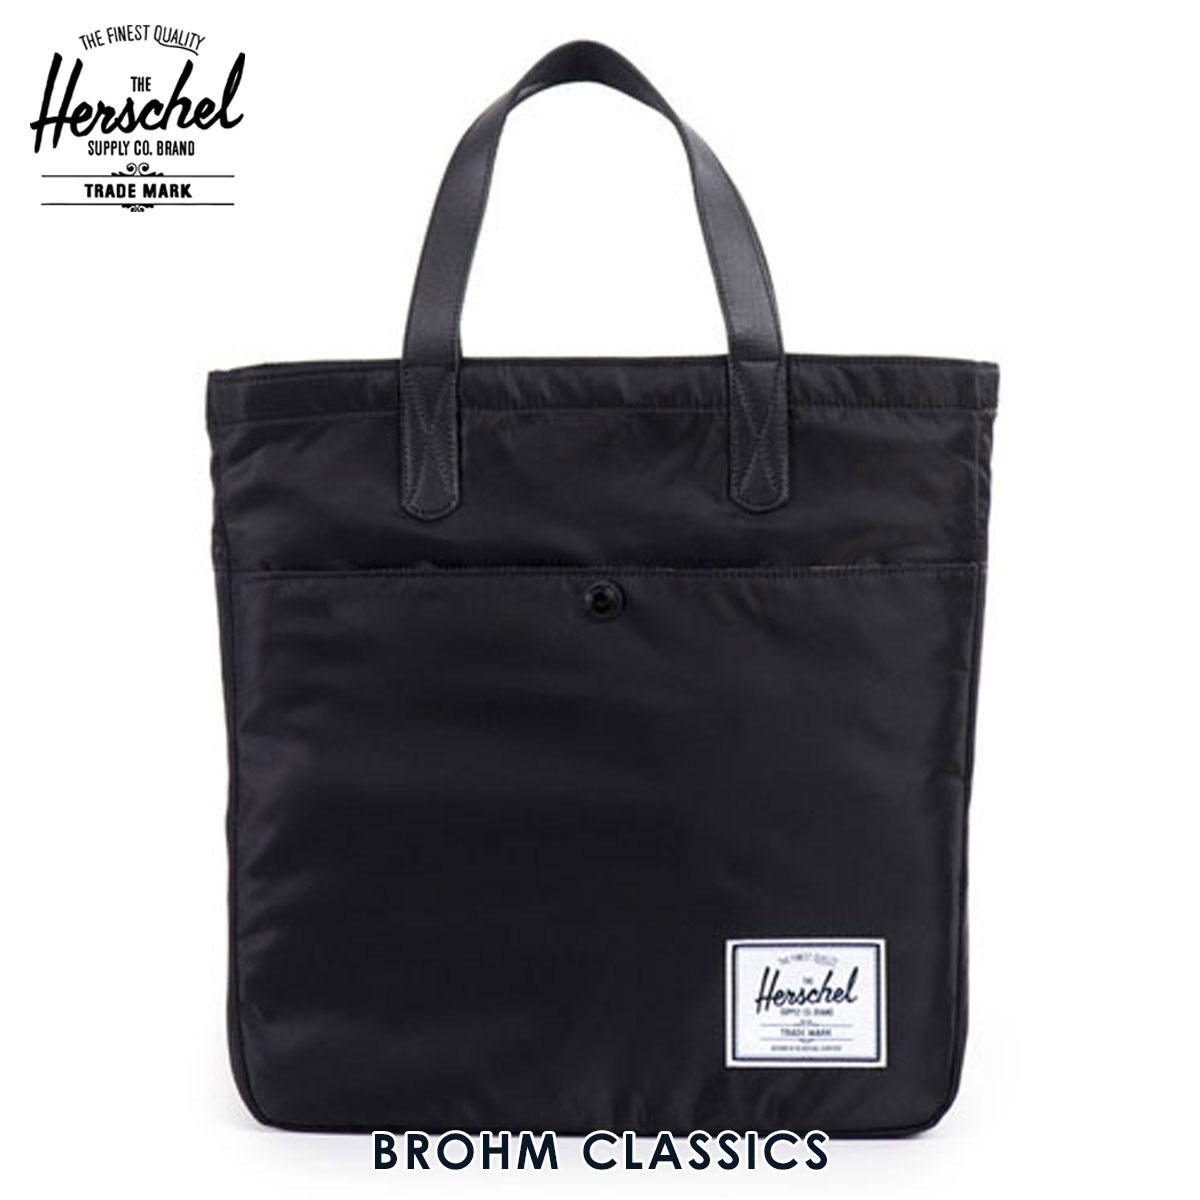 【販売期間 6/4 10:00~6/11 09:59】 ハーシェル バッグ 正規販売店 Herschel Supply ハーシャルサプライ バッグ Brohm Classics - Nylon 10144-00587 父の日